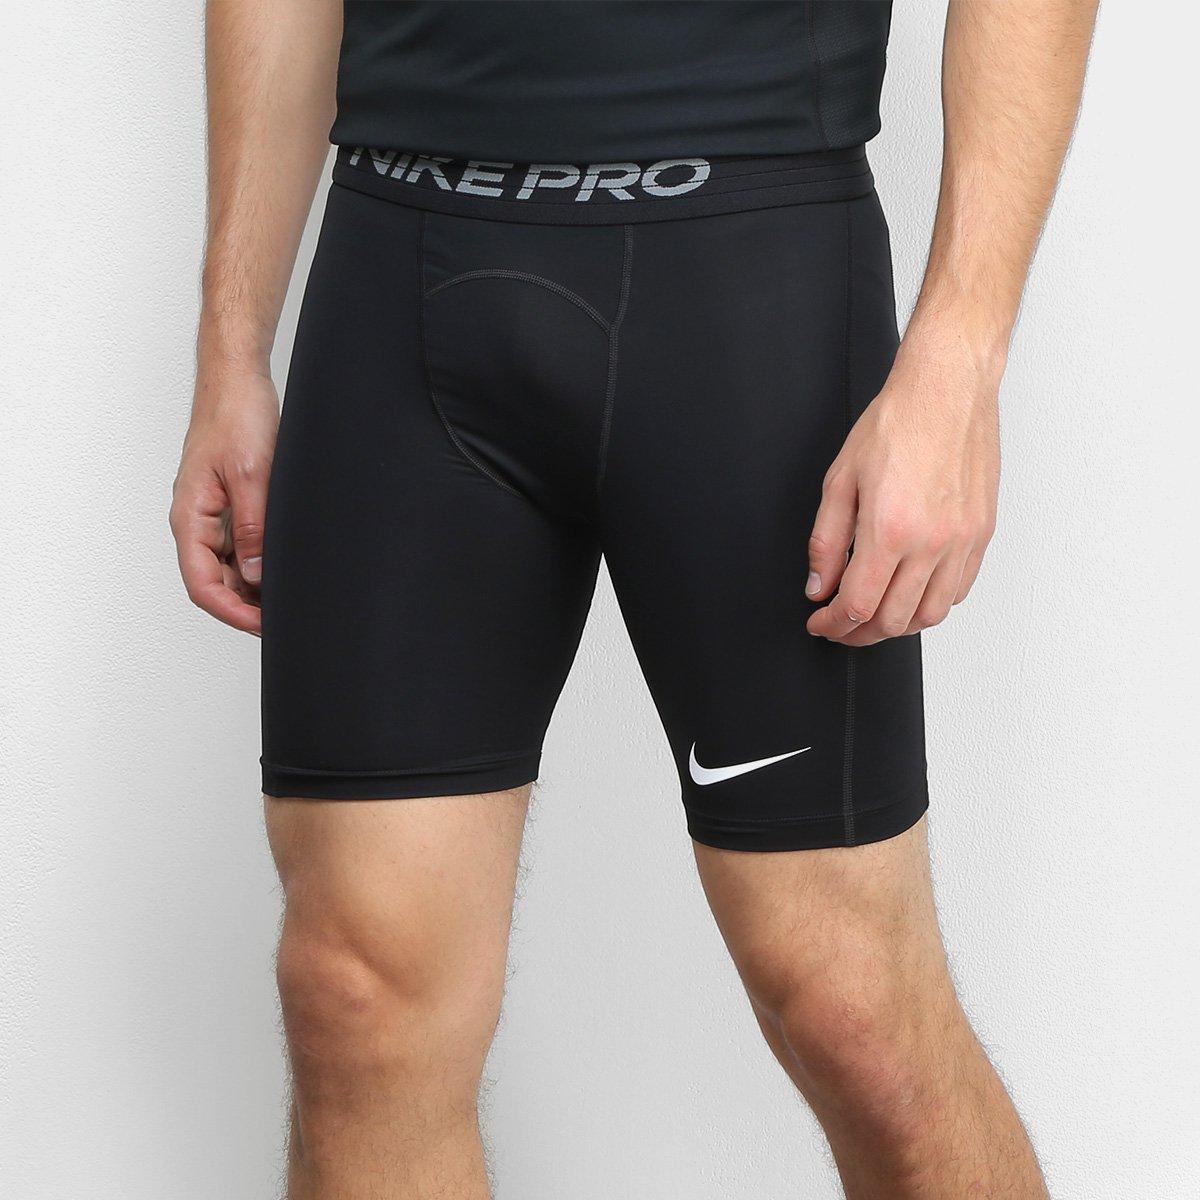 Short de Compressão Nike Pro Masculino - Tam: P